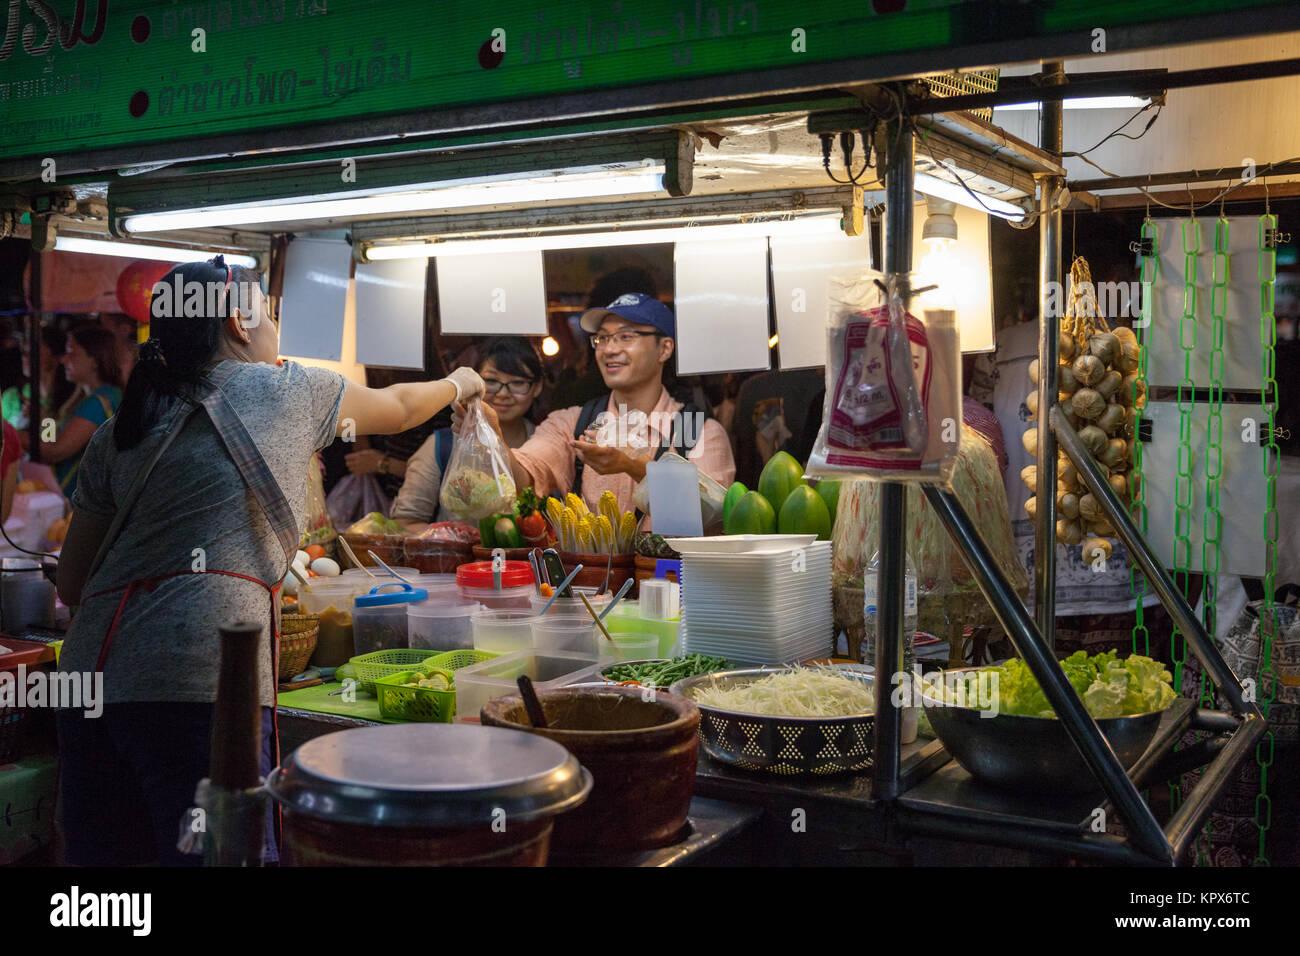 CHIANG MAI, THAÏLANDE - 27 août: femme vend des aliments traditionnels thaïlandais au marché Photo Stock